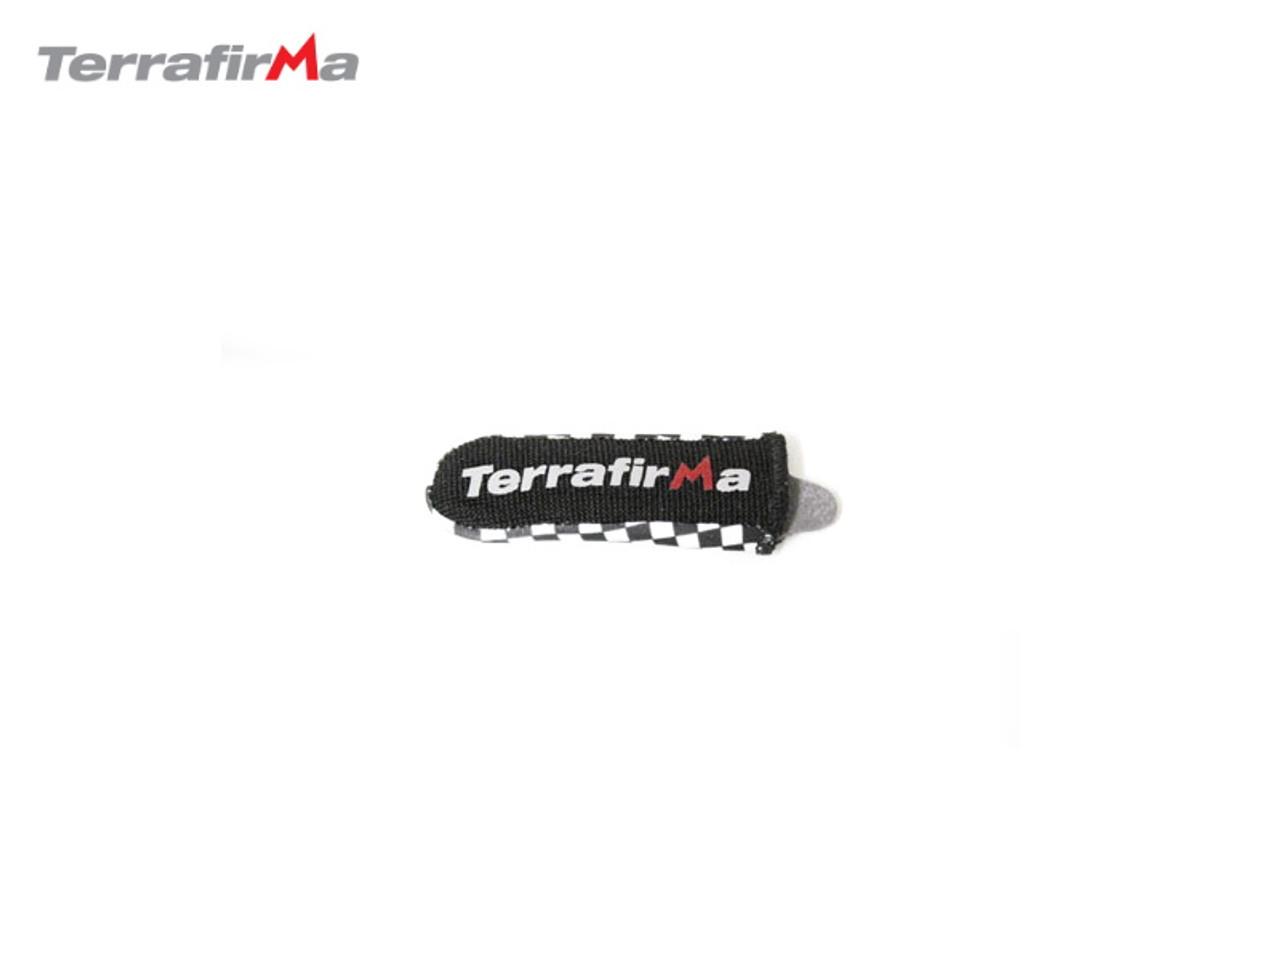 Terrafrima Magnetic Finger Tool